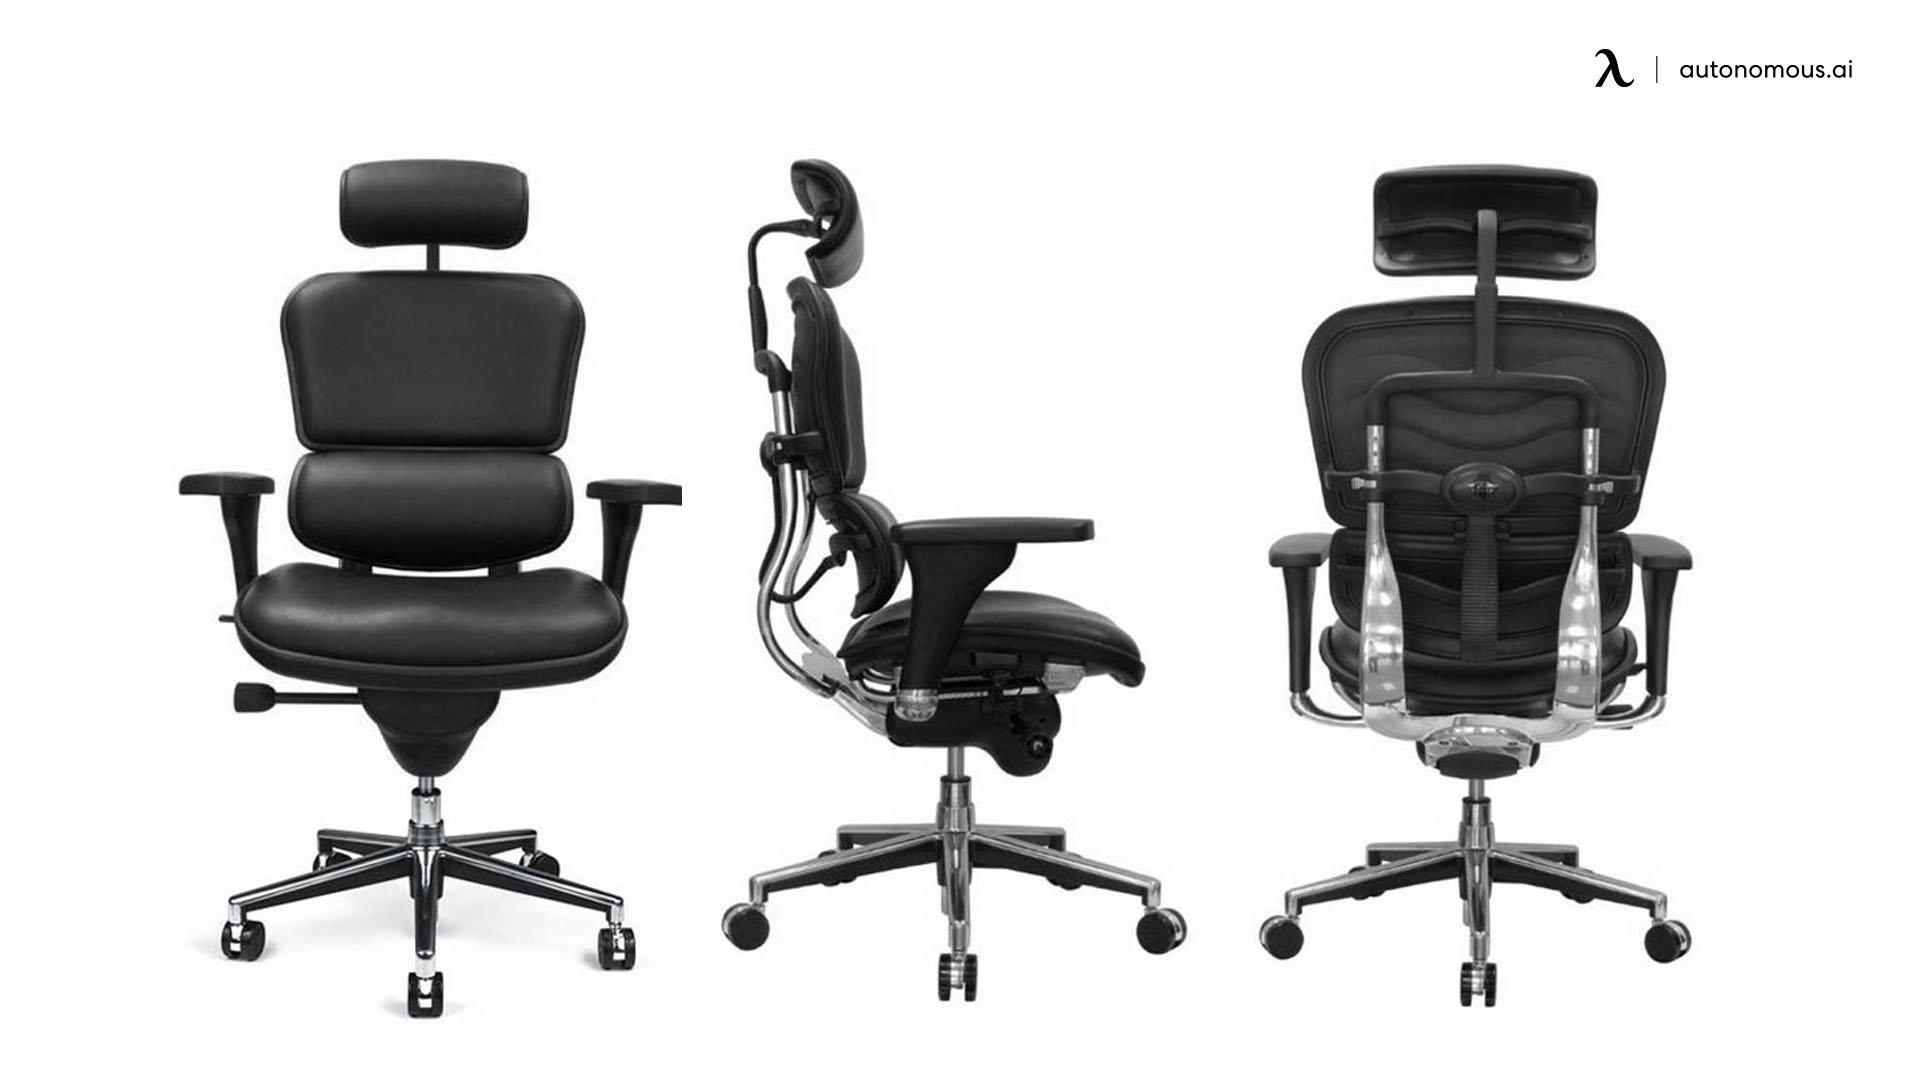 Raynor Ergohuman High Back Chair LE9ERG